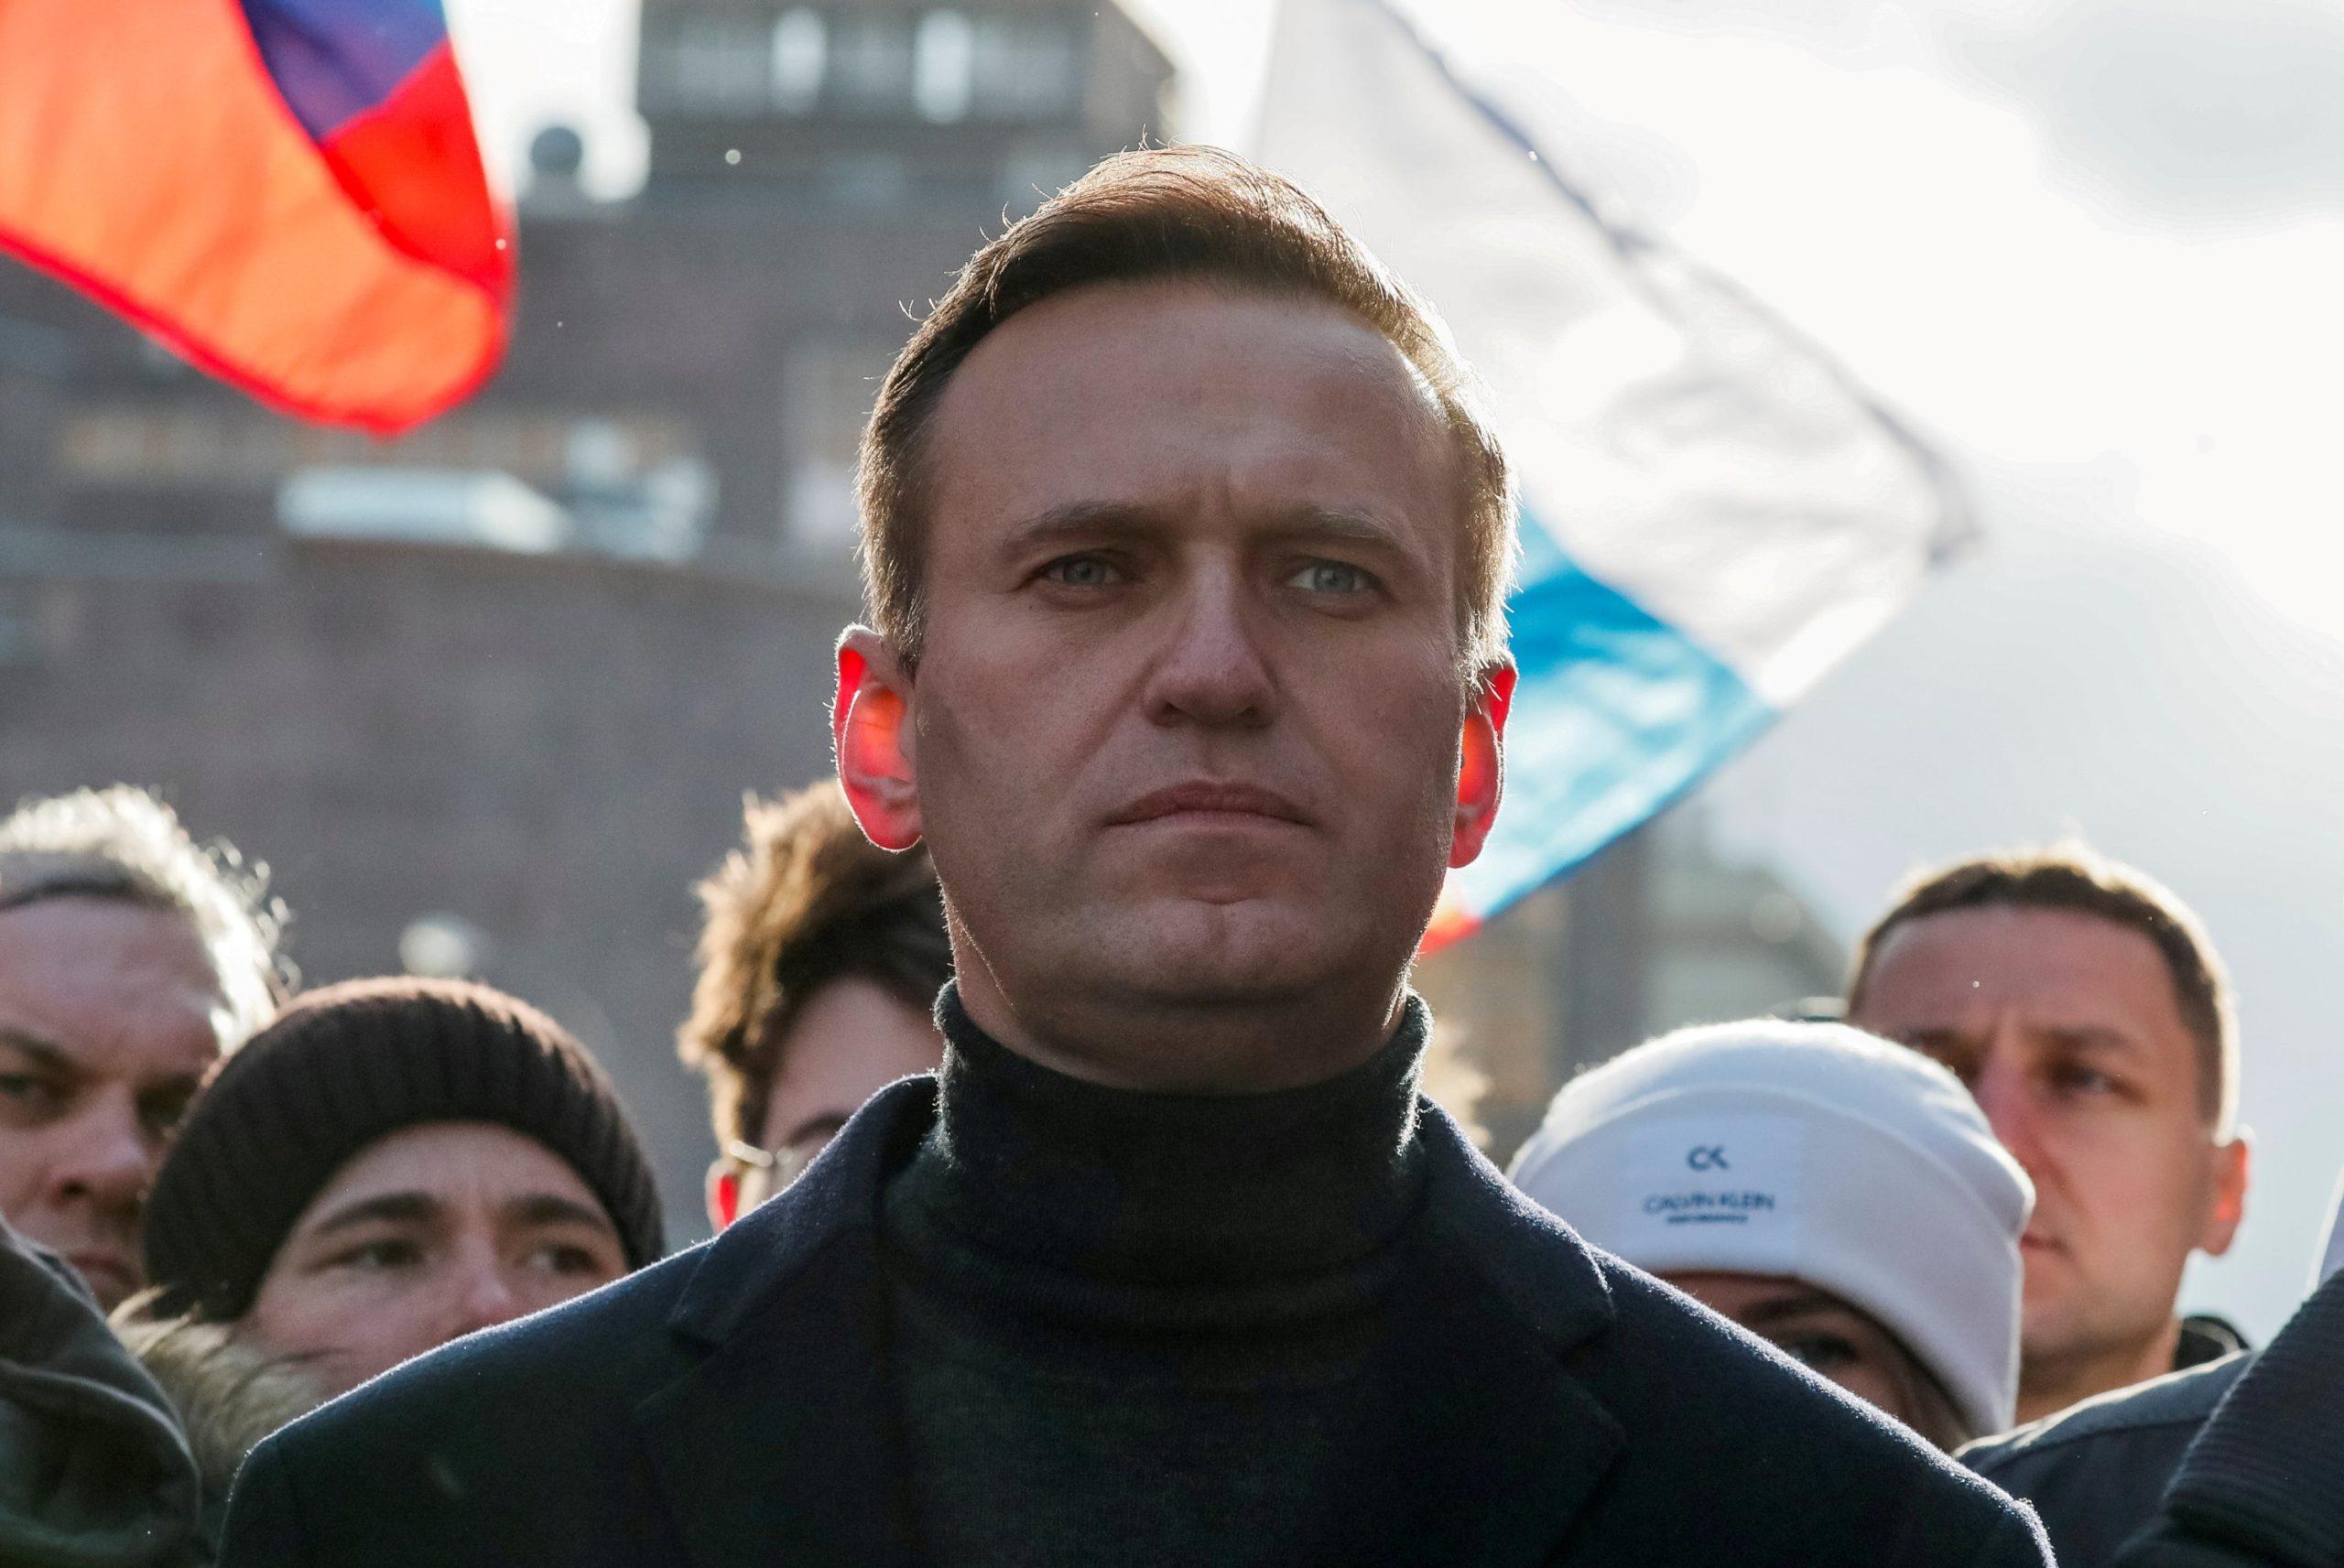 Temperaturë e lartë dhe kollë, kritiku i Putin-it shtrohet në spitalin e burgut